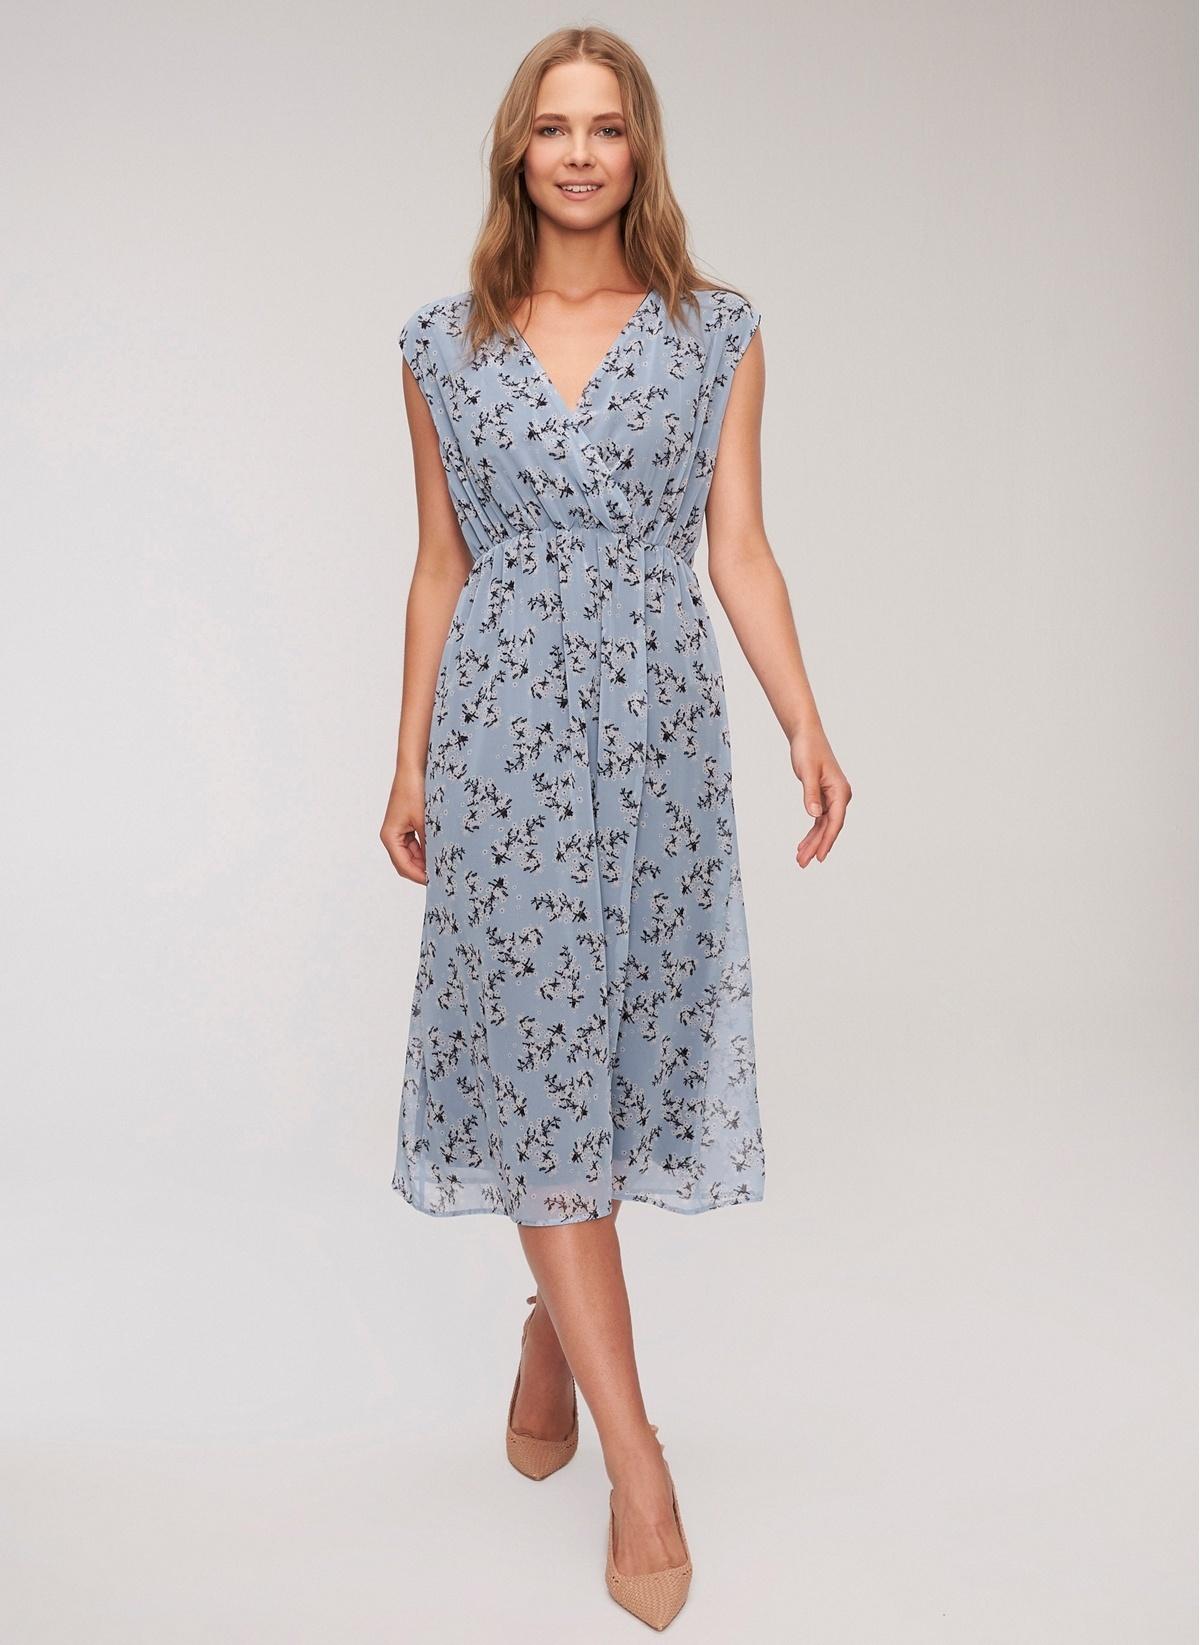 6c93f3be29d1d People By Fabrika Kadın Çiçek Desenli Şifon Elbise Mavi İndirimli ...